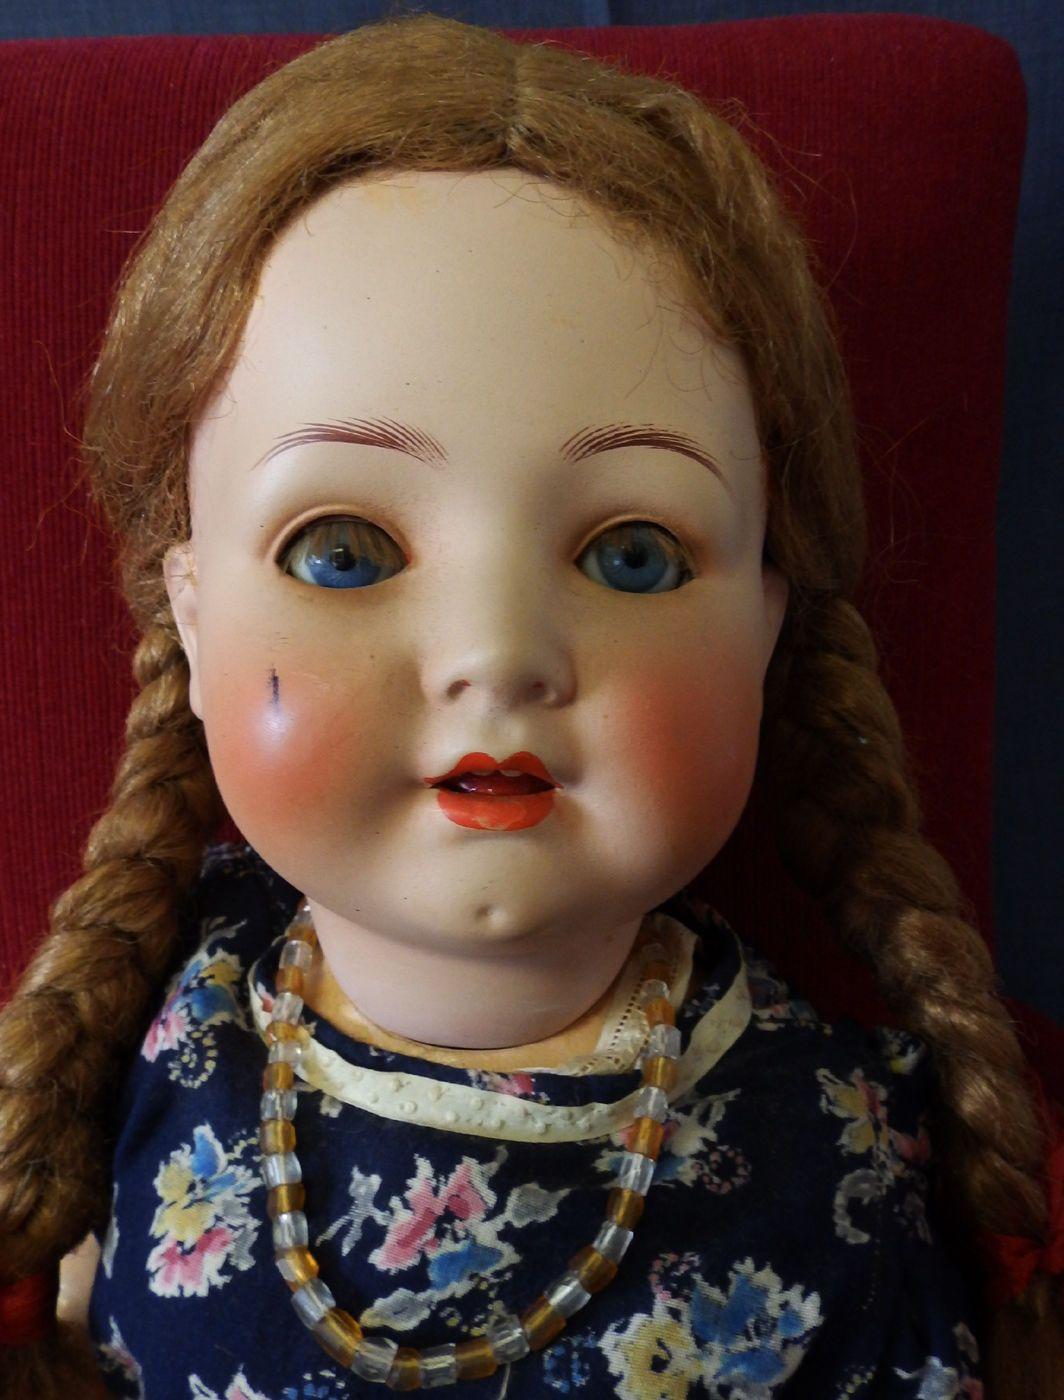 Schnau & Hoffmeister pour simon & Halbig poupée 170-4 Burggrub/Oberfranken 62cm   Antiquitäten & Kunst, Antikspielzeug, Puppen & Zubehör   eBay!